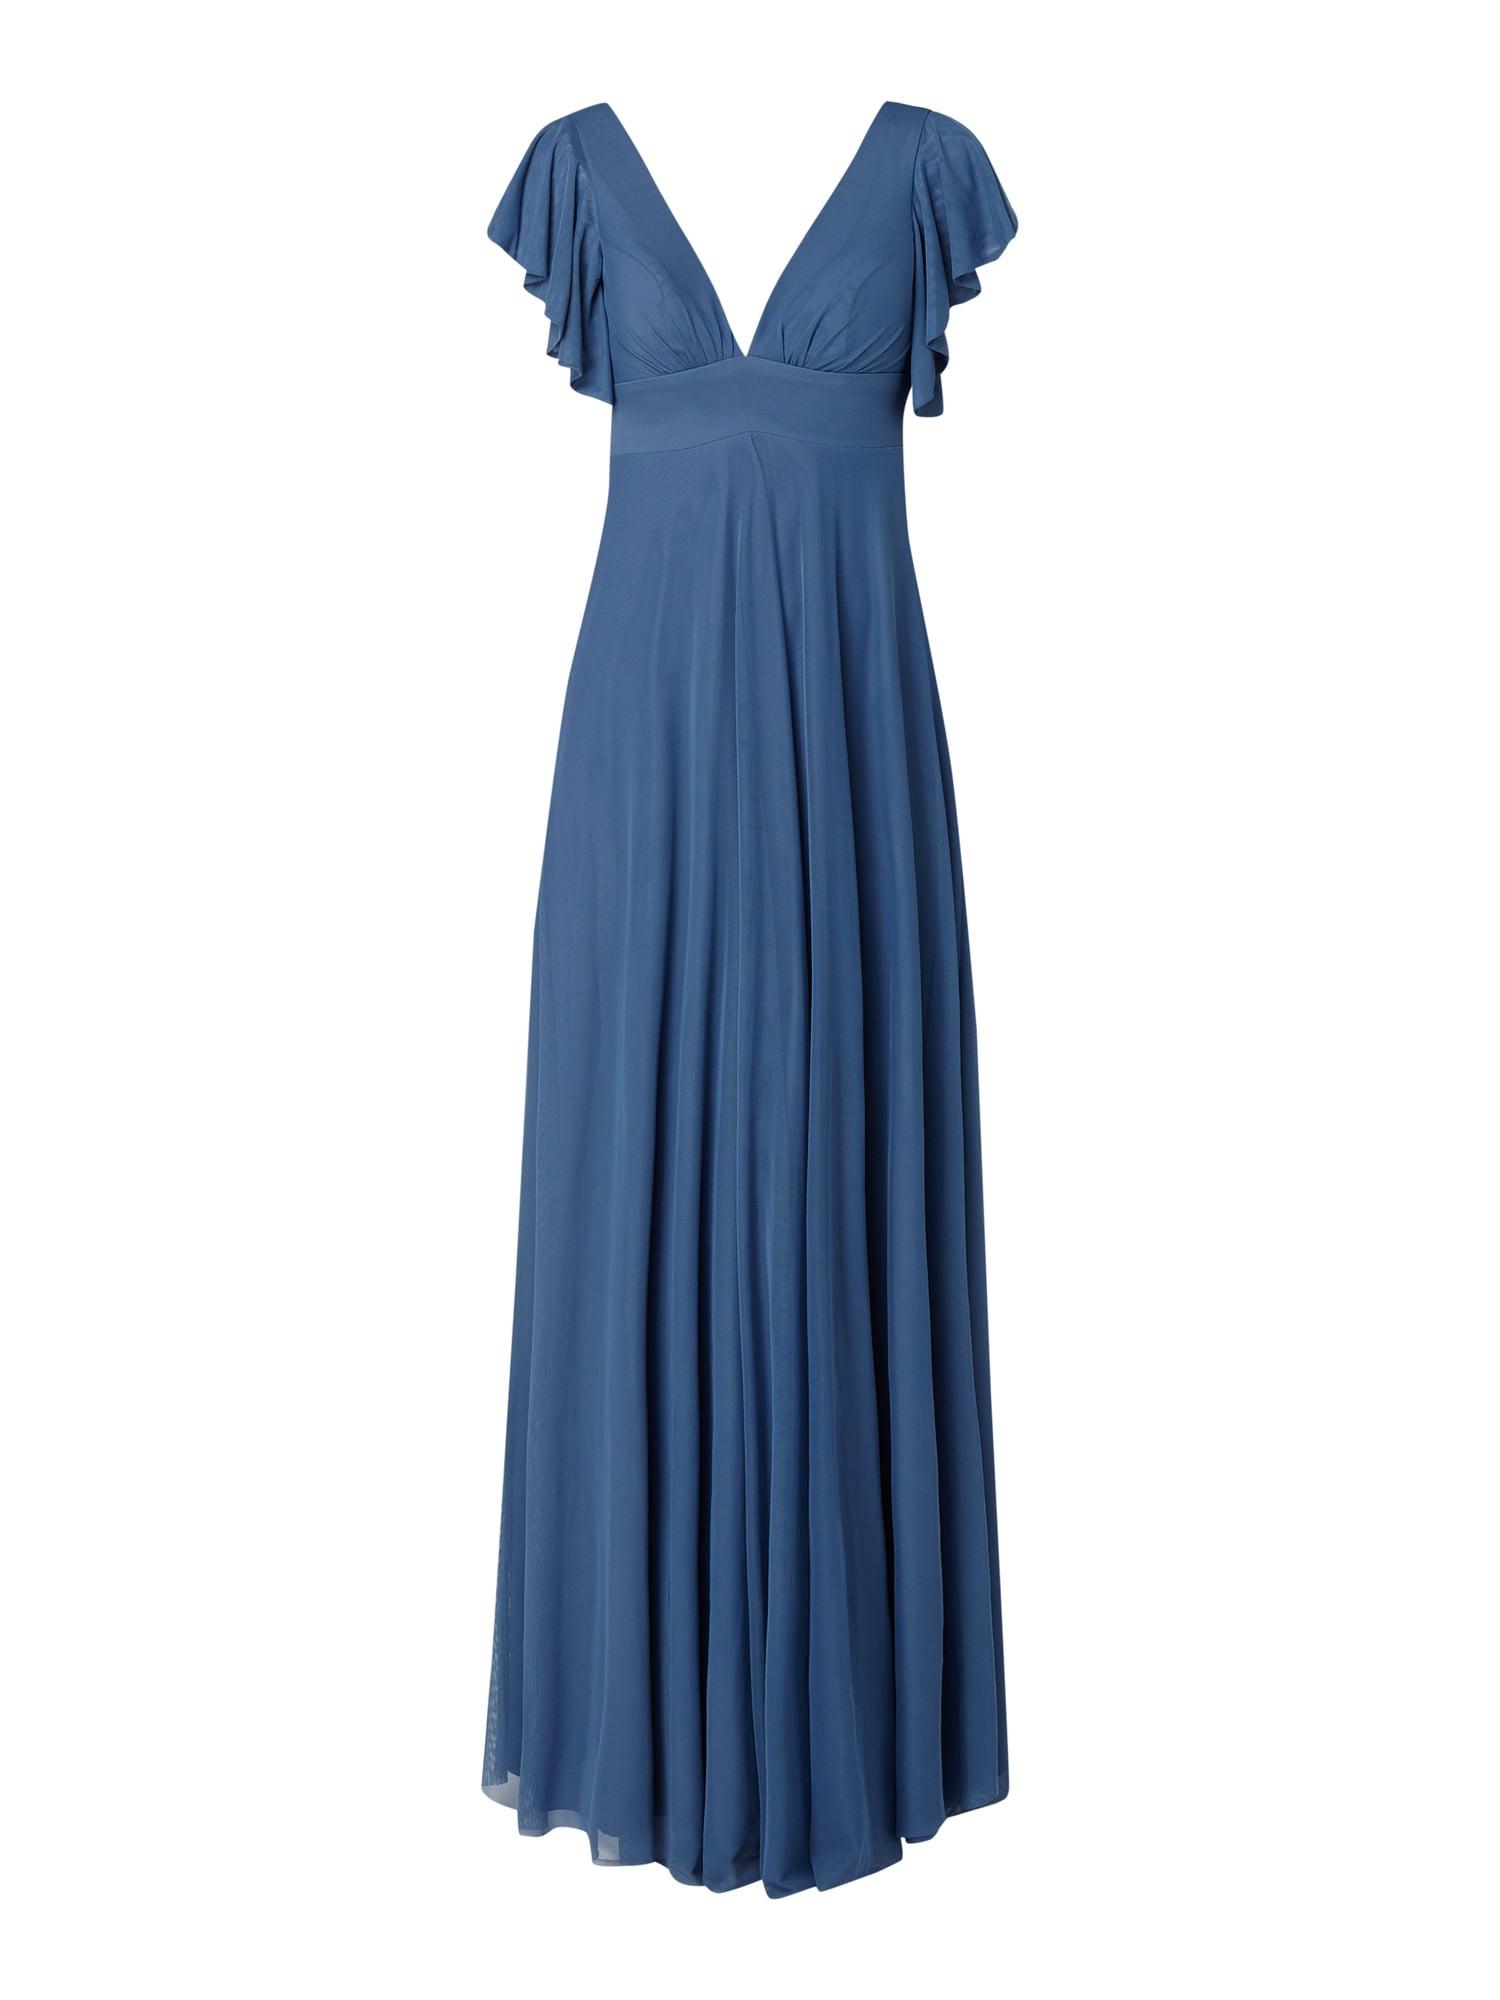 Designer Schön Troyden Collection Abendkleid Stylish Ausgezeichnet Troyden Collection Abendkleid Spezialgebiet